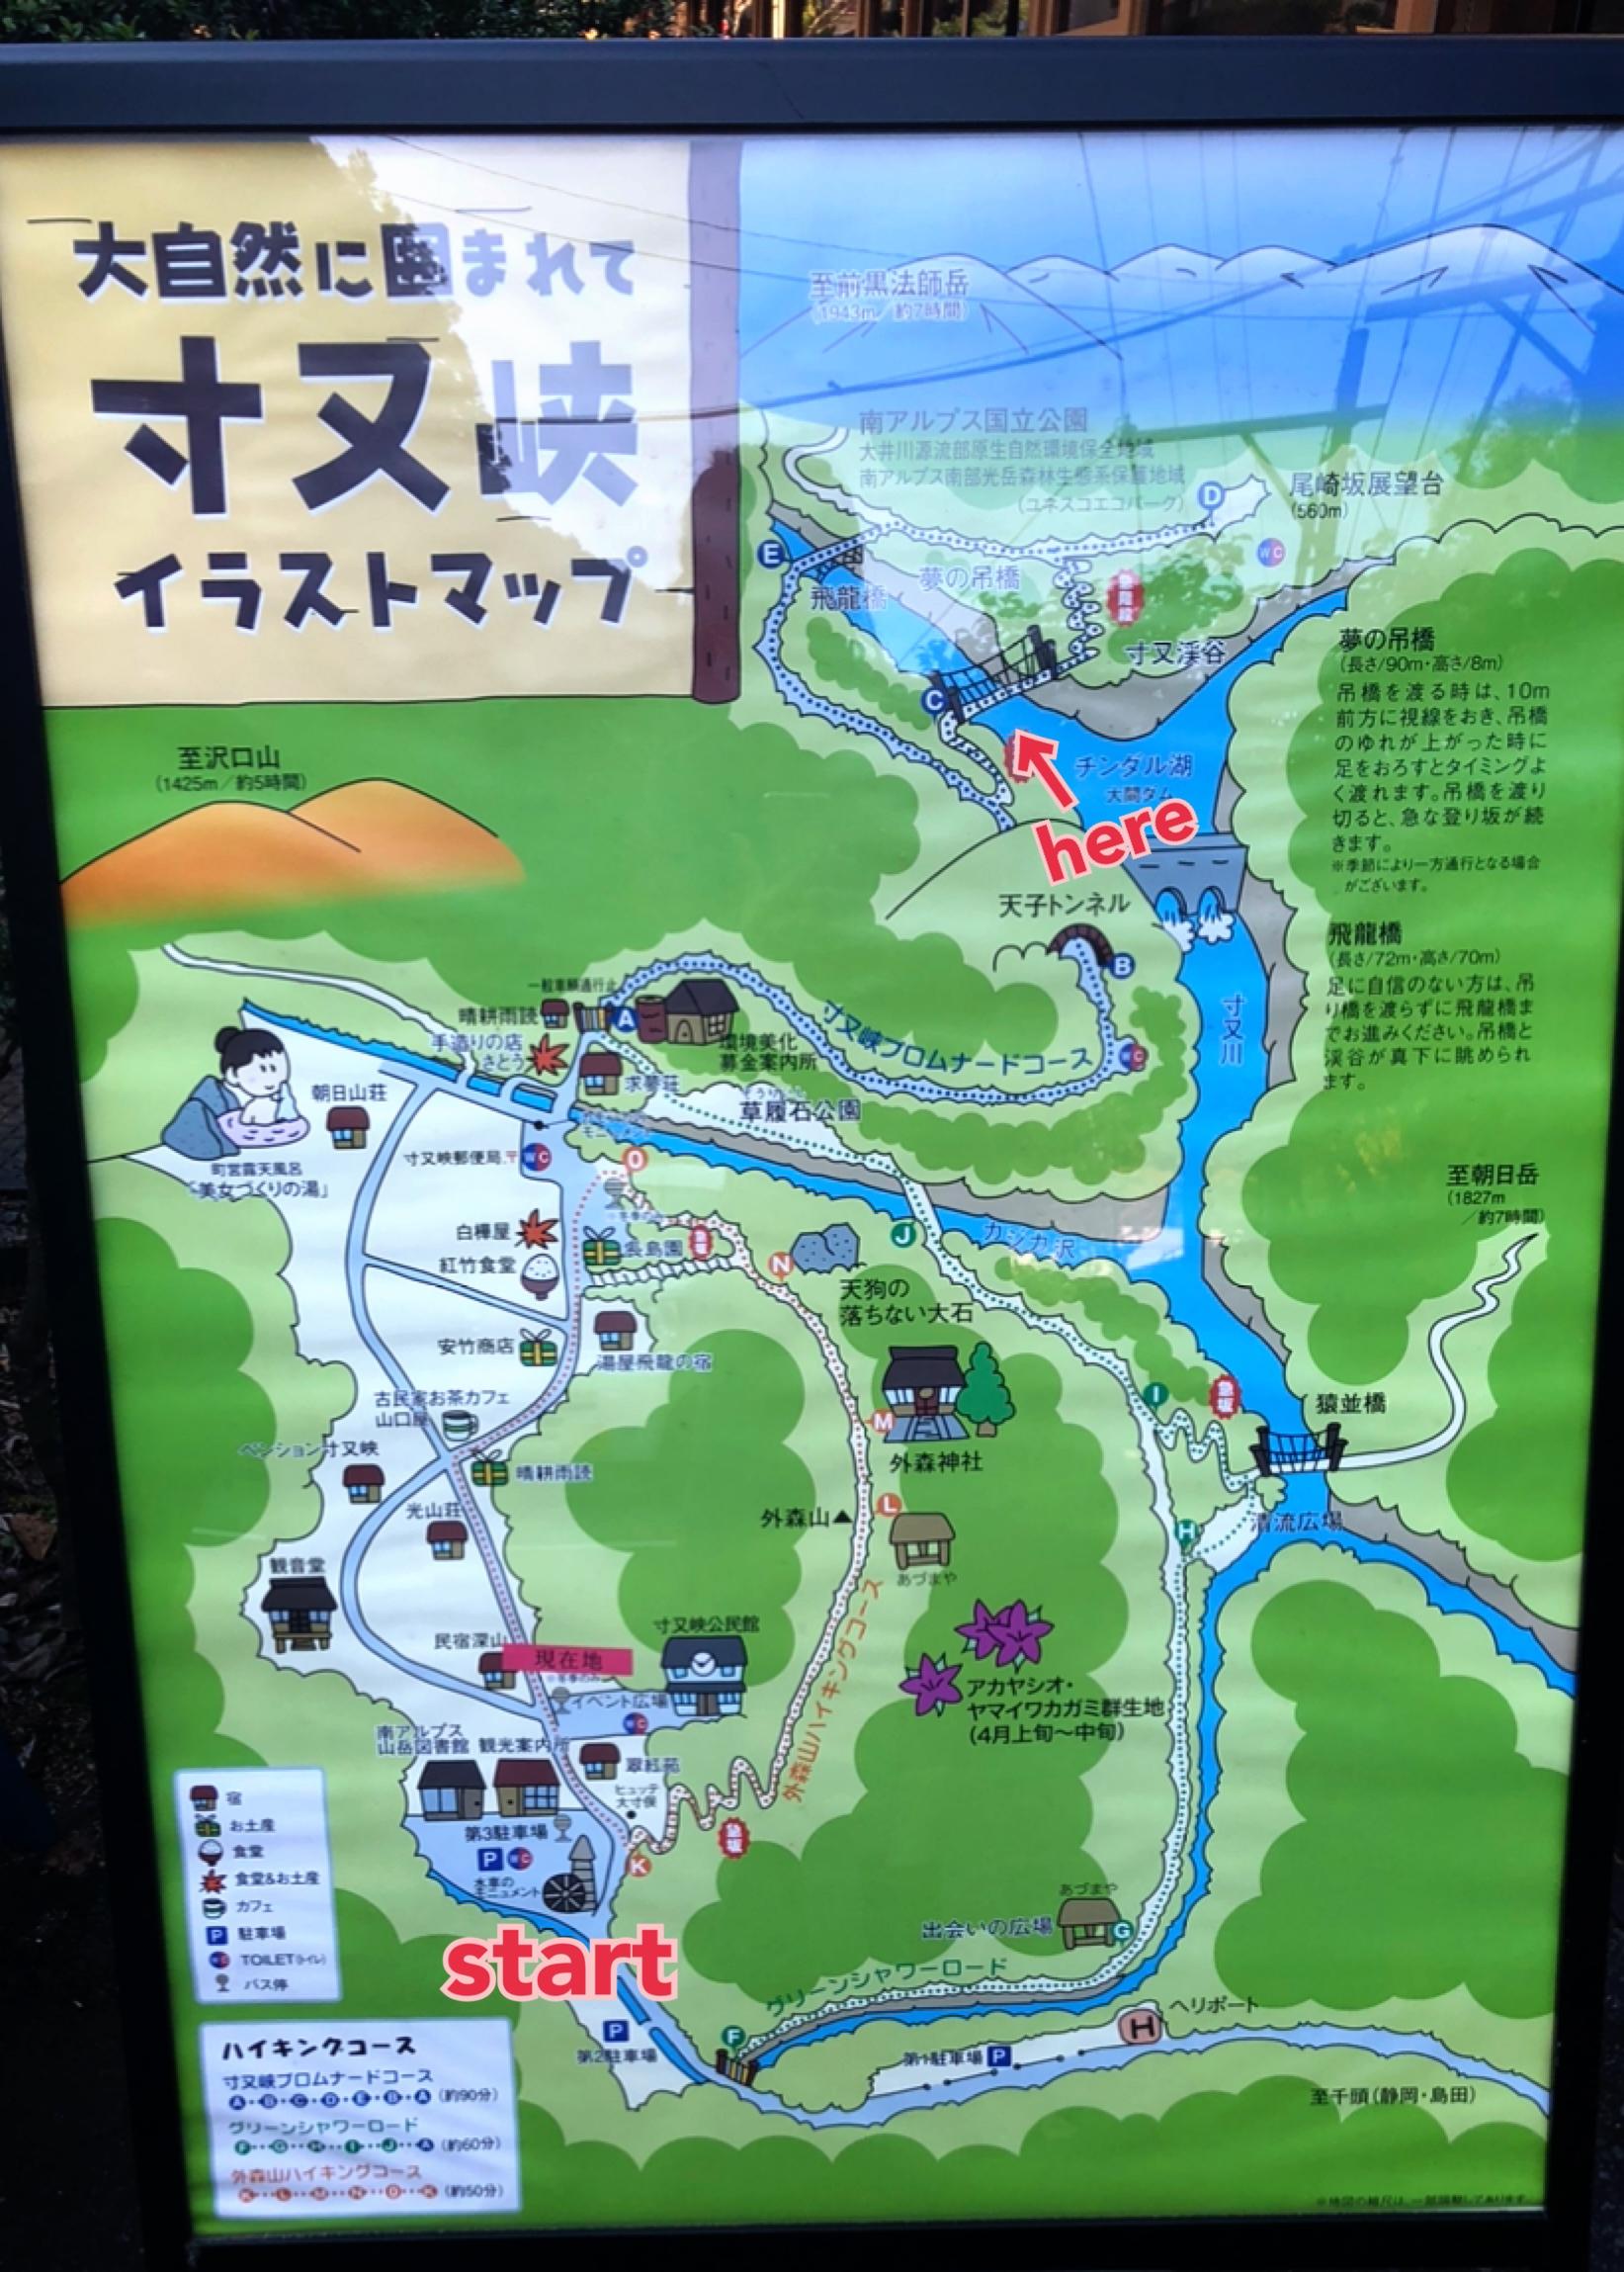 【#静岡】《夢の吊り橋×秋・紅葉》美しすぎるミルキーブルーの湖と紅葉のコントラストにうっとり♡湖上の吊り橋で空中散歩気分˚✧₊_2